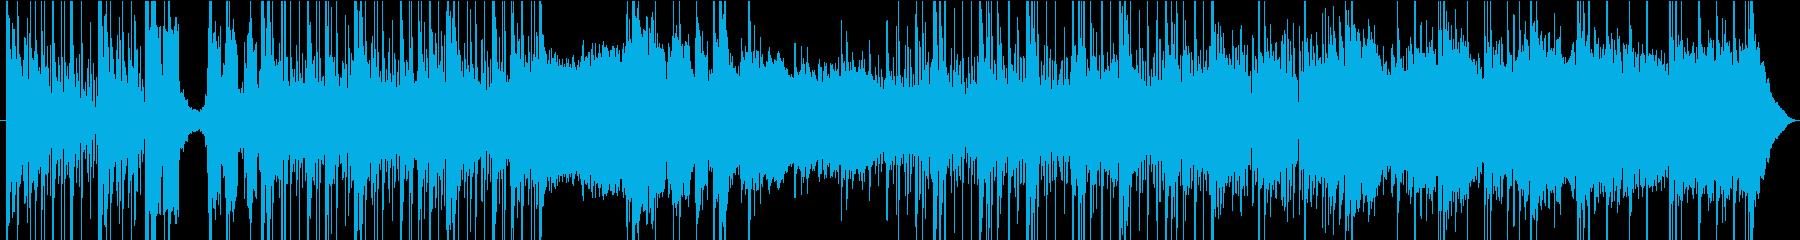 ポップ テクノ ロック ブレイクビ...の再生済みの波形